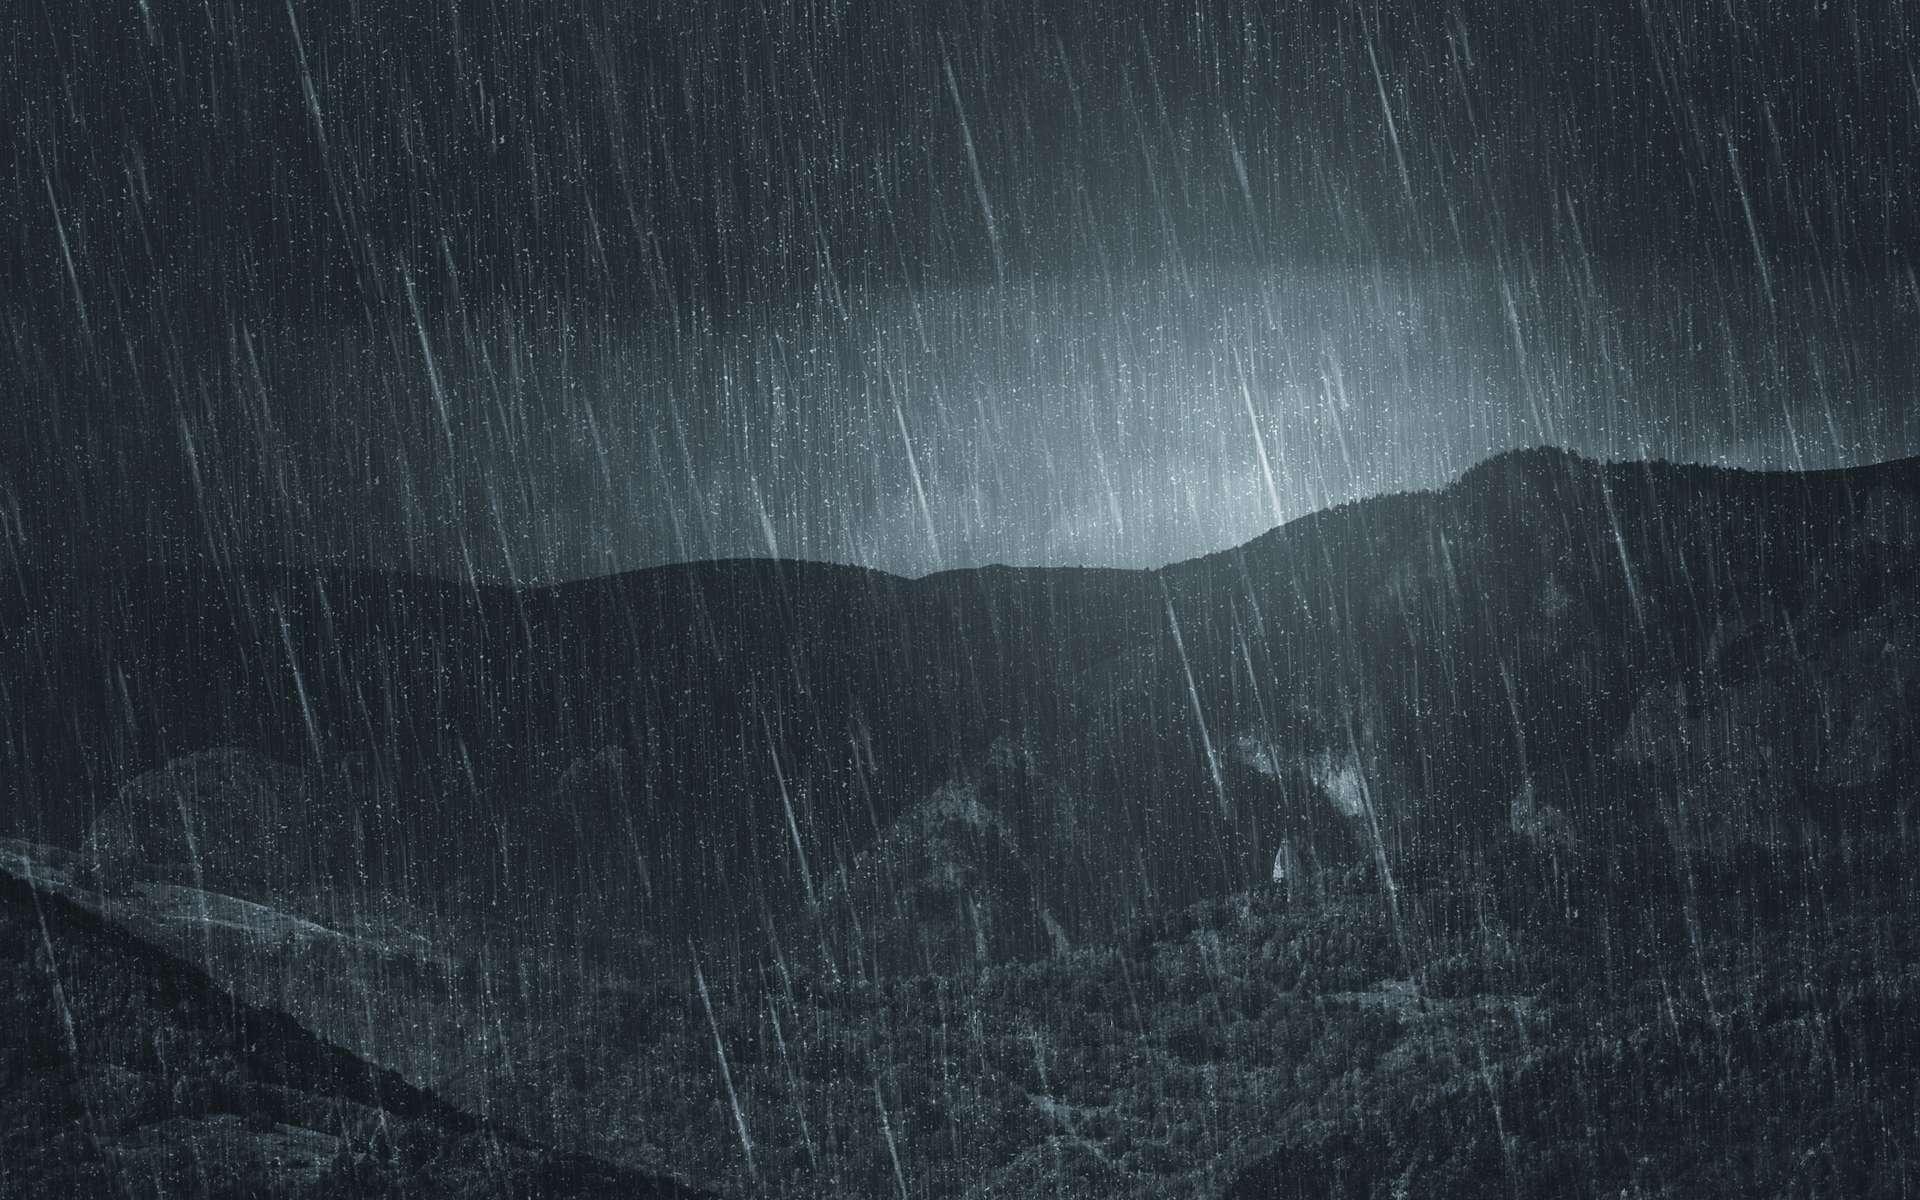 Pluies intenses sur des reliefs montagneux. © andreiuc88, Adobe Stock